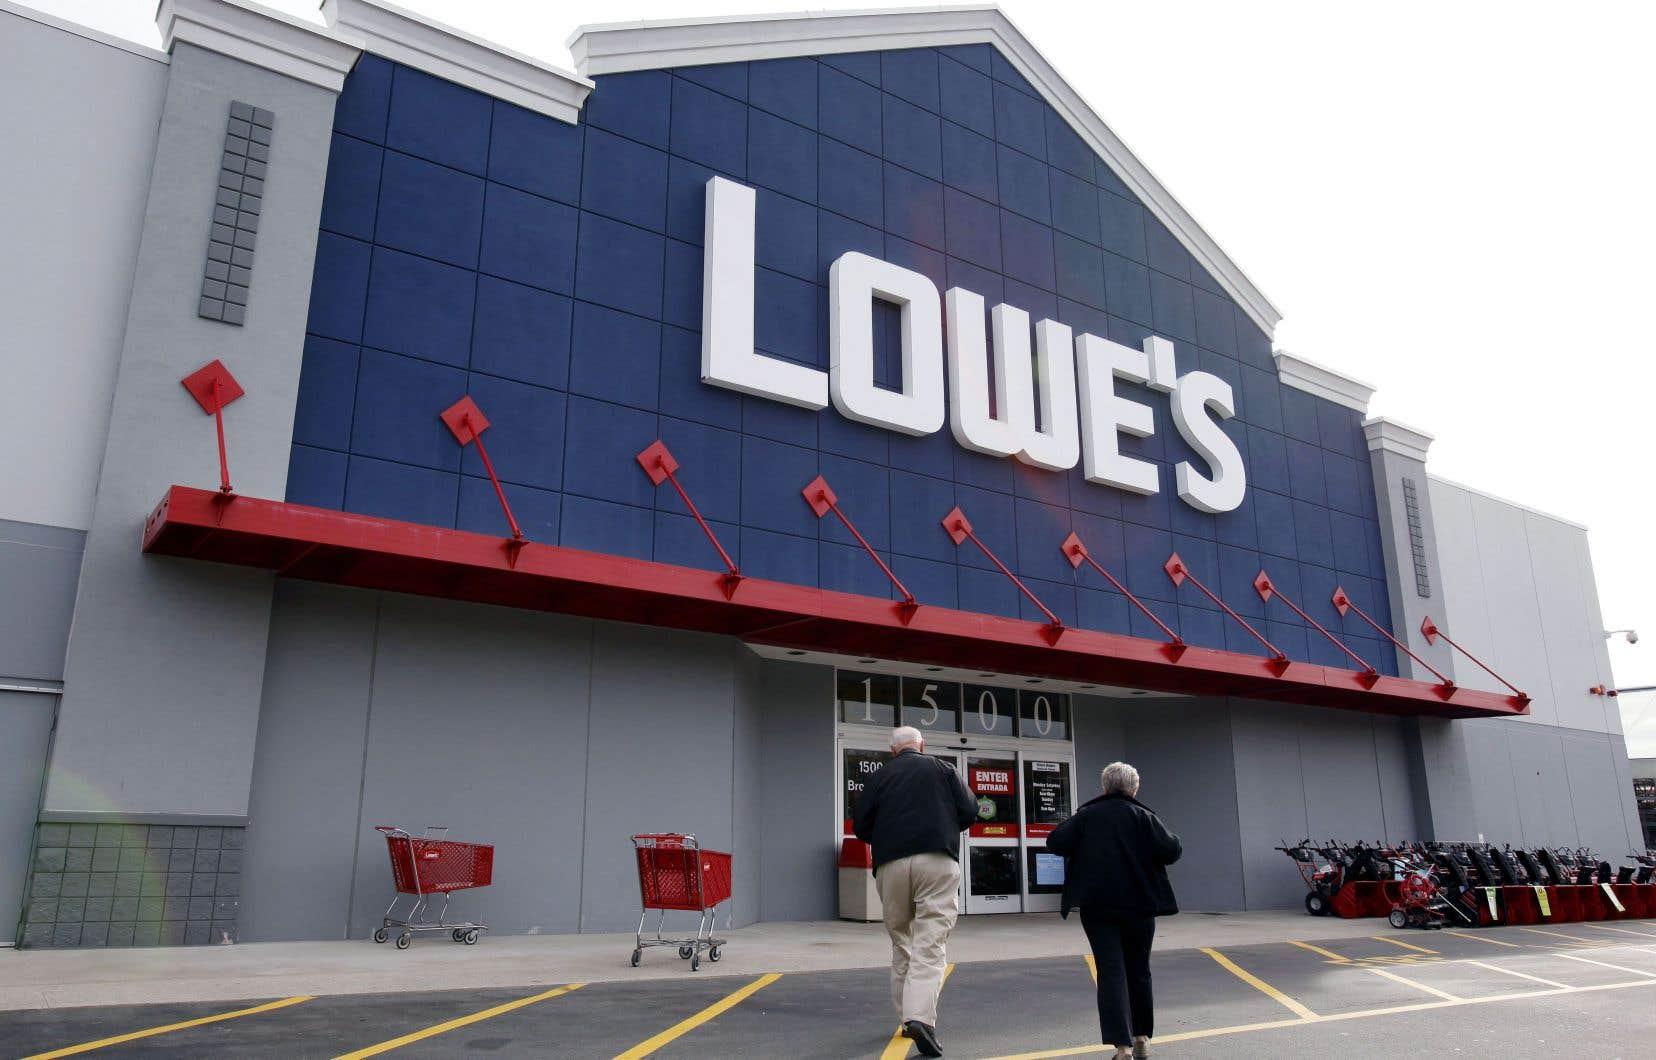 Avant de se joindre à Lowe's, Anthony Hurst a occupé des hautes fonctions chez JC Penney et Home Depot.